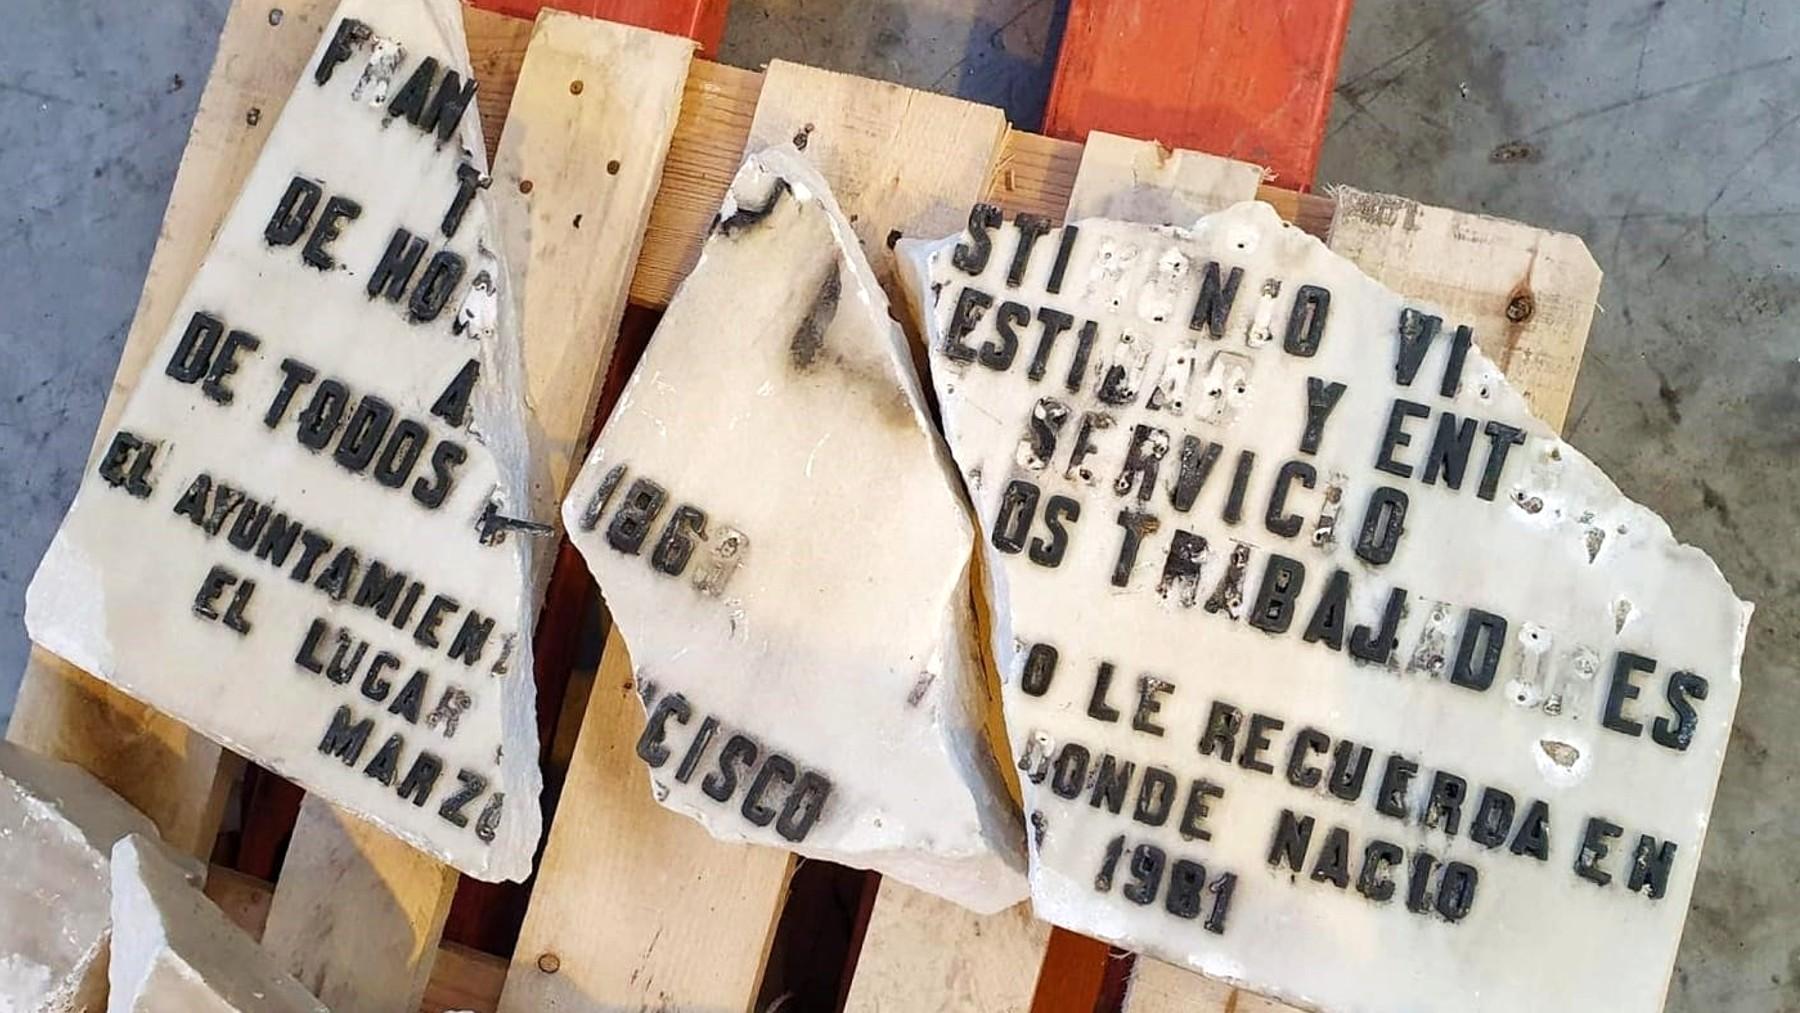 Placa dañada que fue retirada de la vivienda donde vivió Largo Caballero. (Foto: Europa Press)